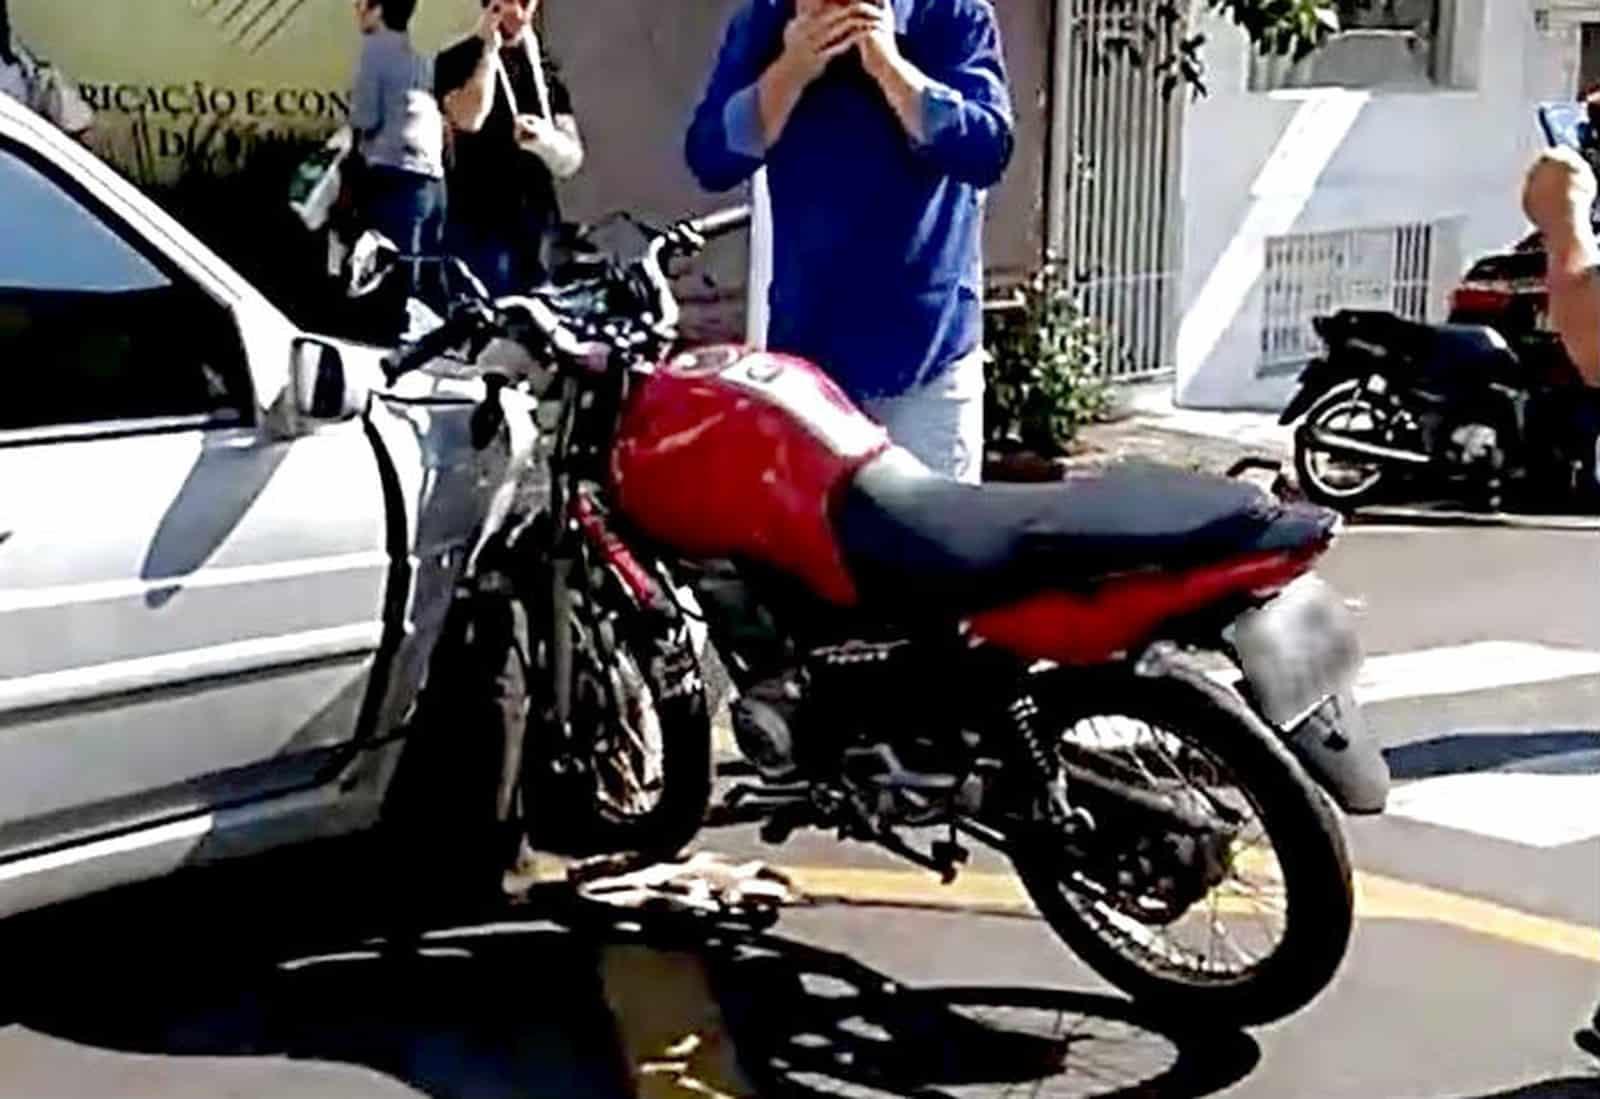 Motociclista fica ferido após bater contra carro em cruzamento de Marília — Foto: Arquivo pessoal